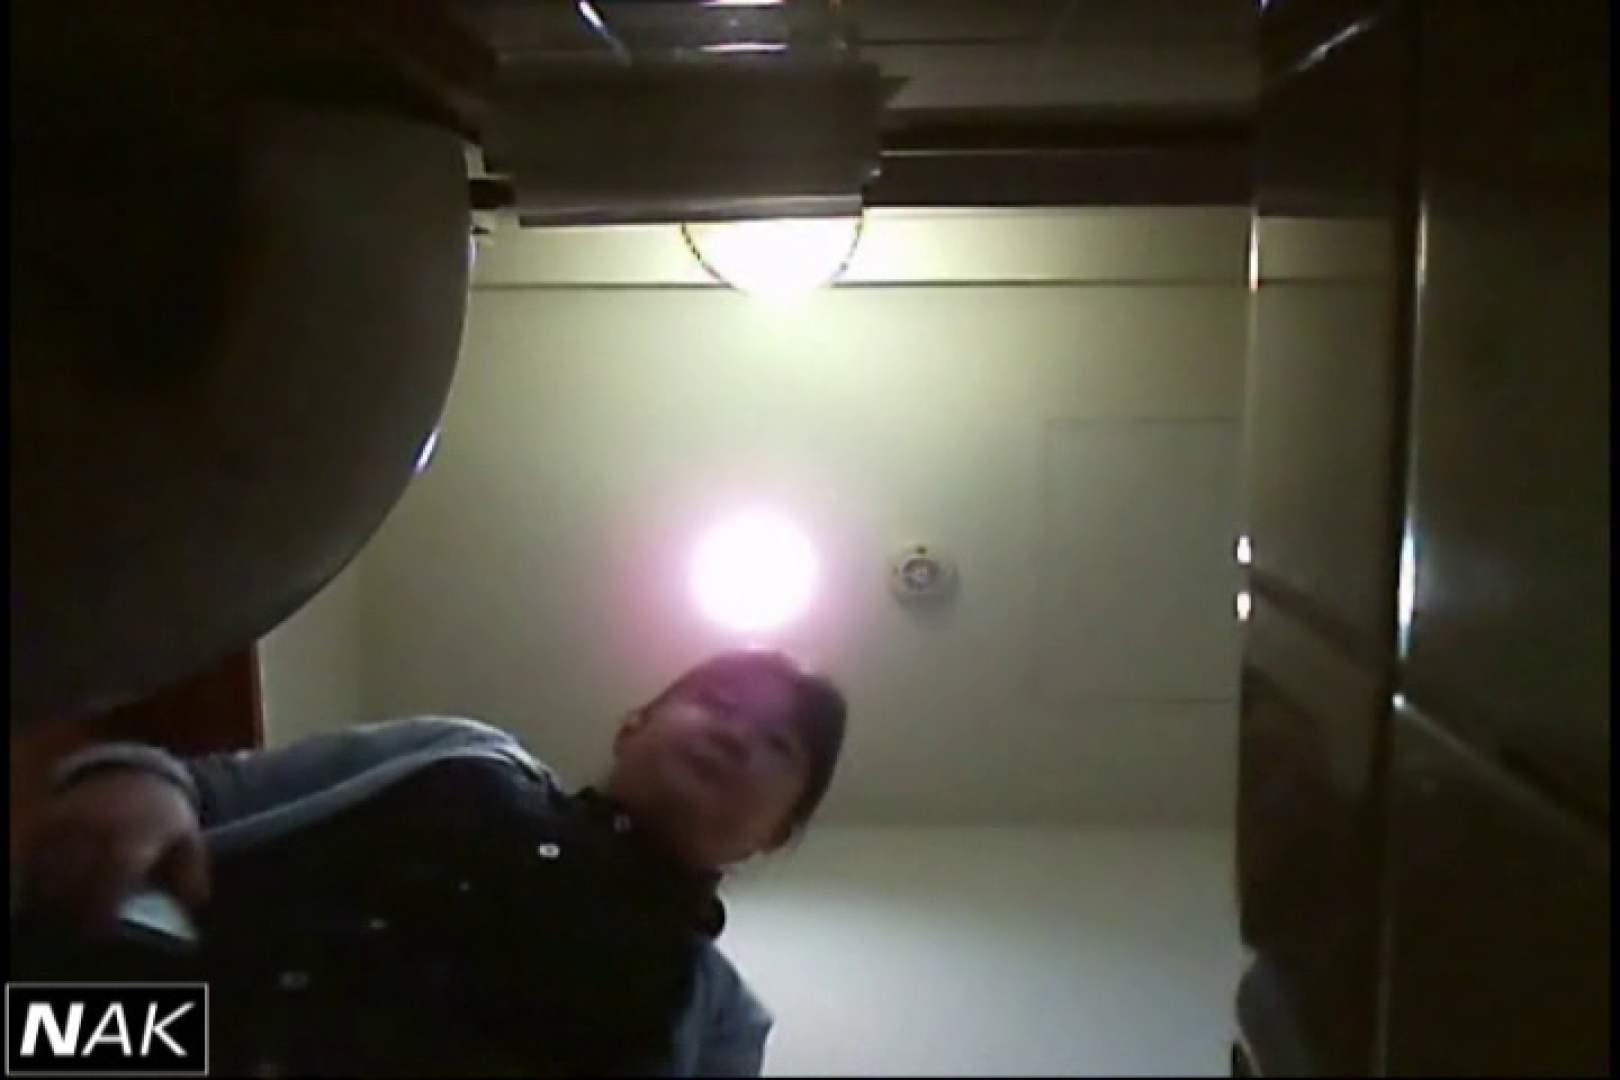 亀さんかわや VIP和式2カメバージョン! vol.05 リアル黄金水 ワレメ無修正動画無料 110画像 98